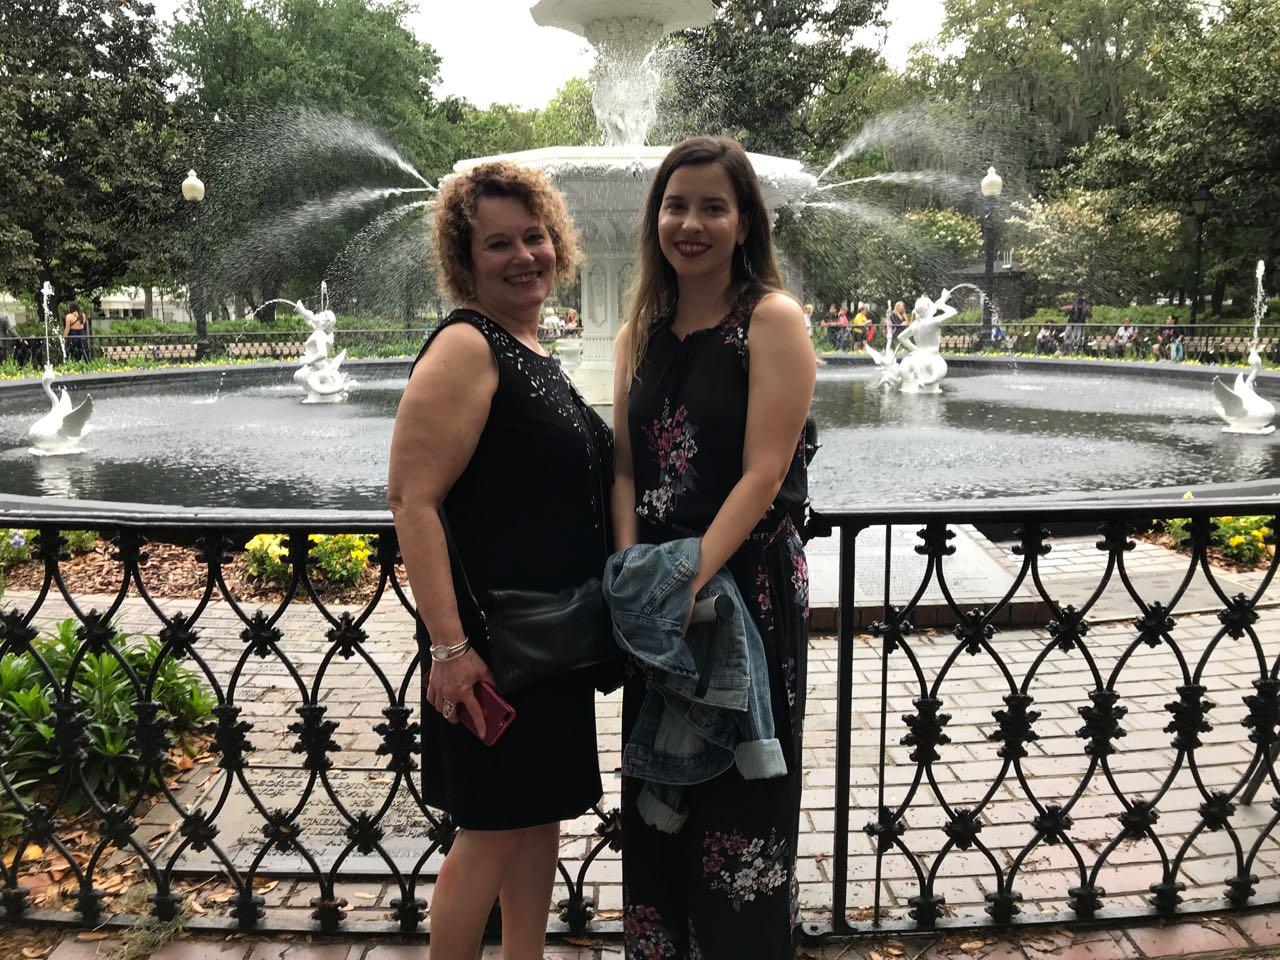 Allie & Mom savannah.jpg